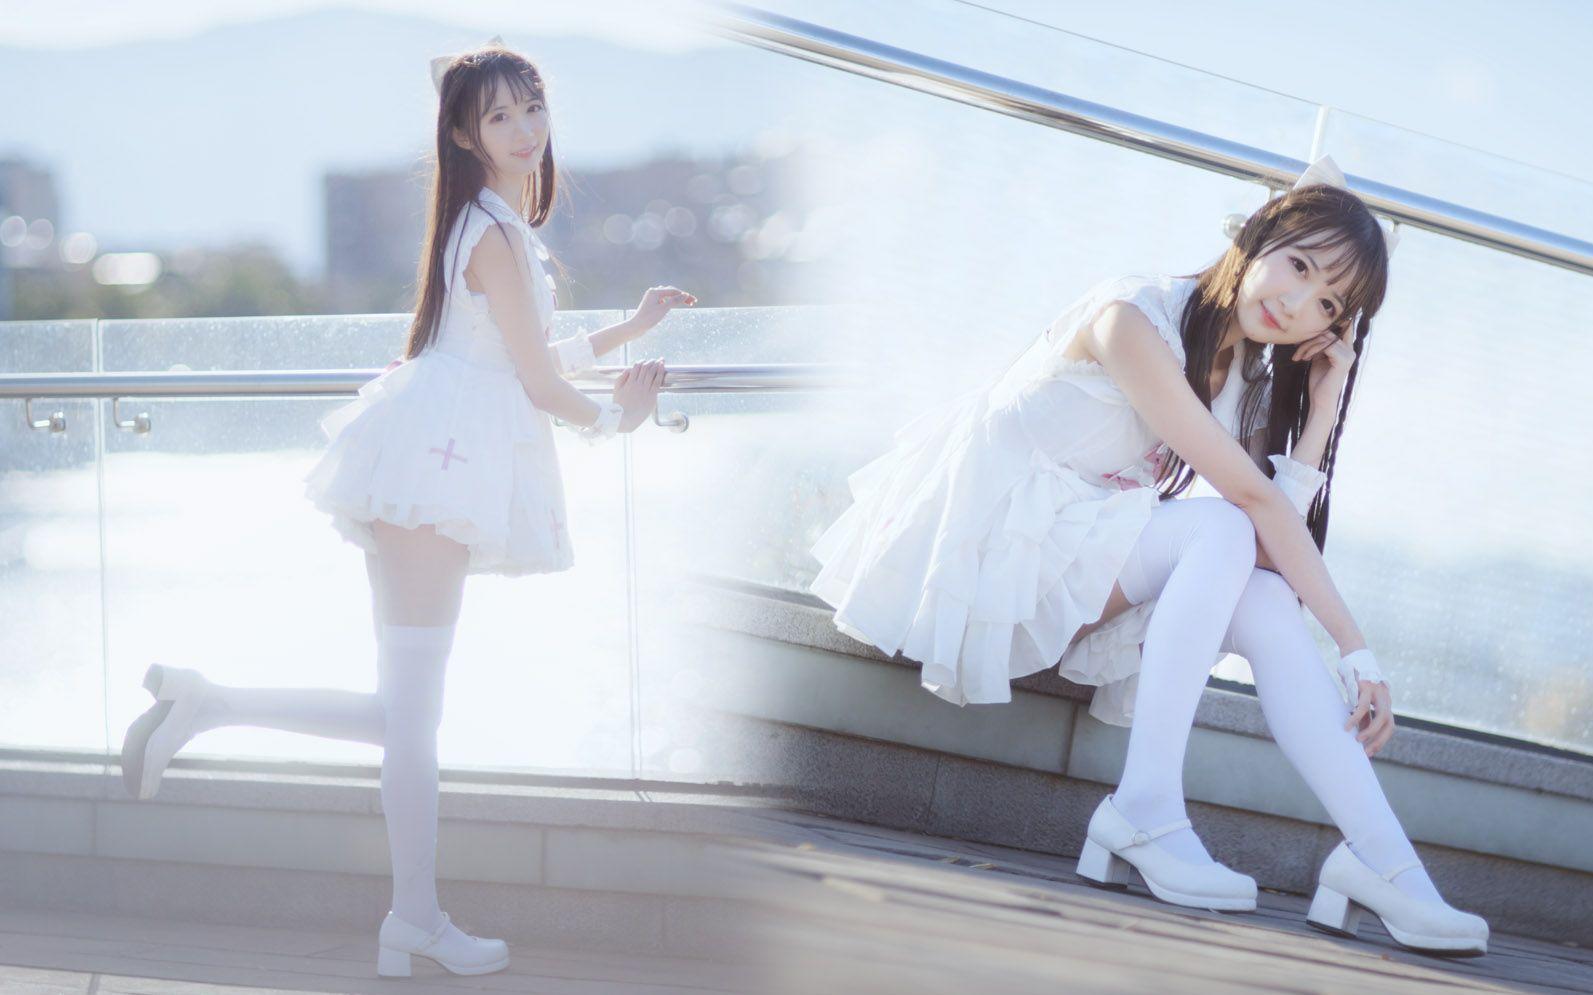 【椭奇】恋爱循环 ♡ 女孩子真是香甜呀 ~